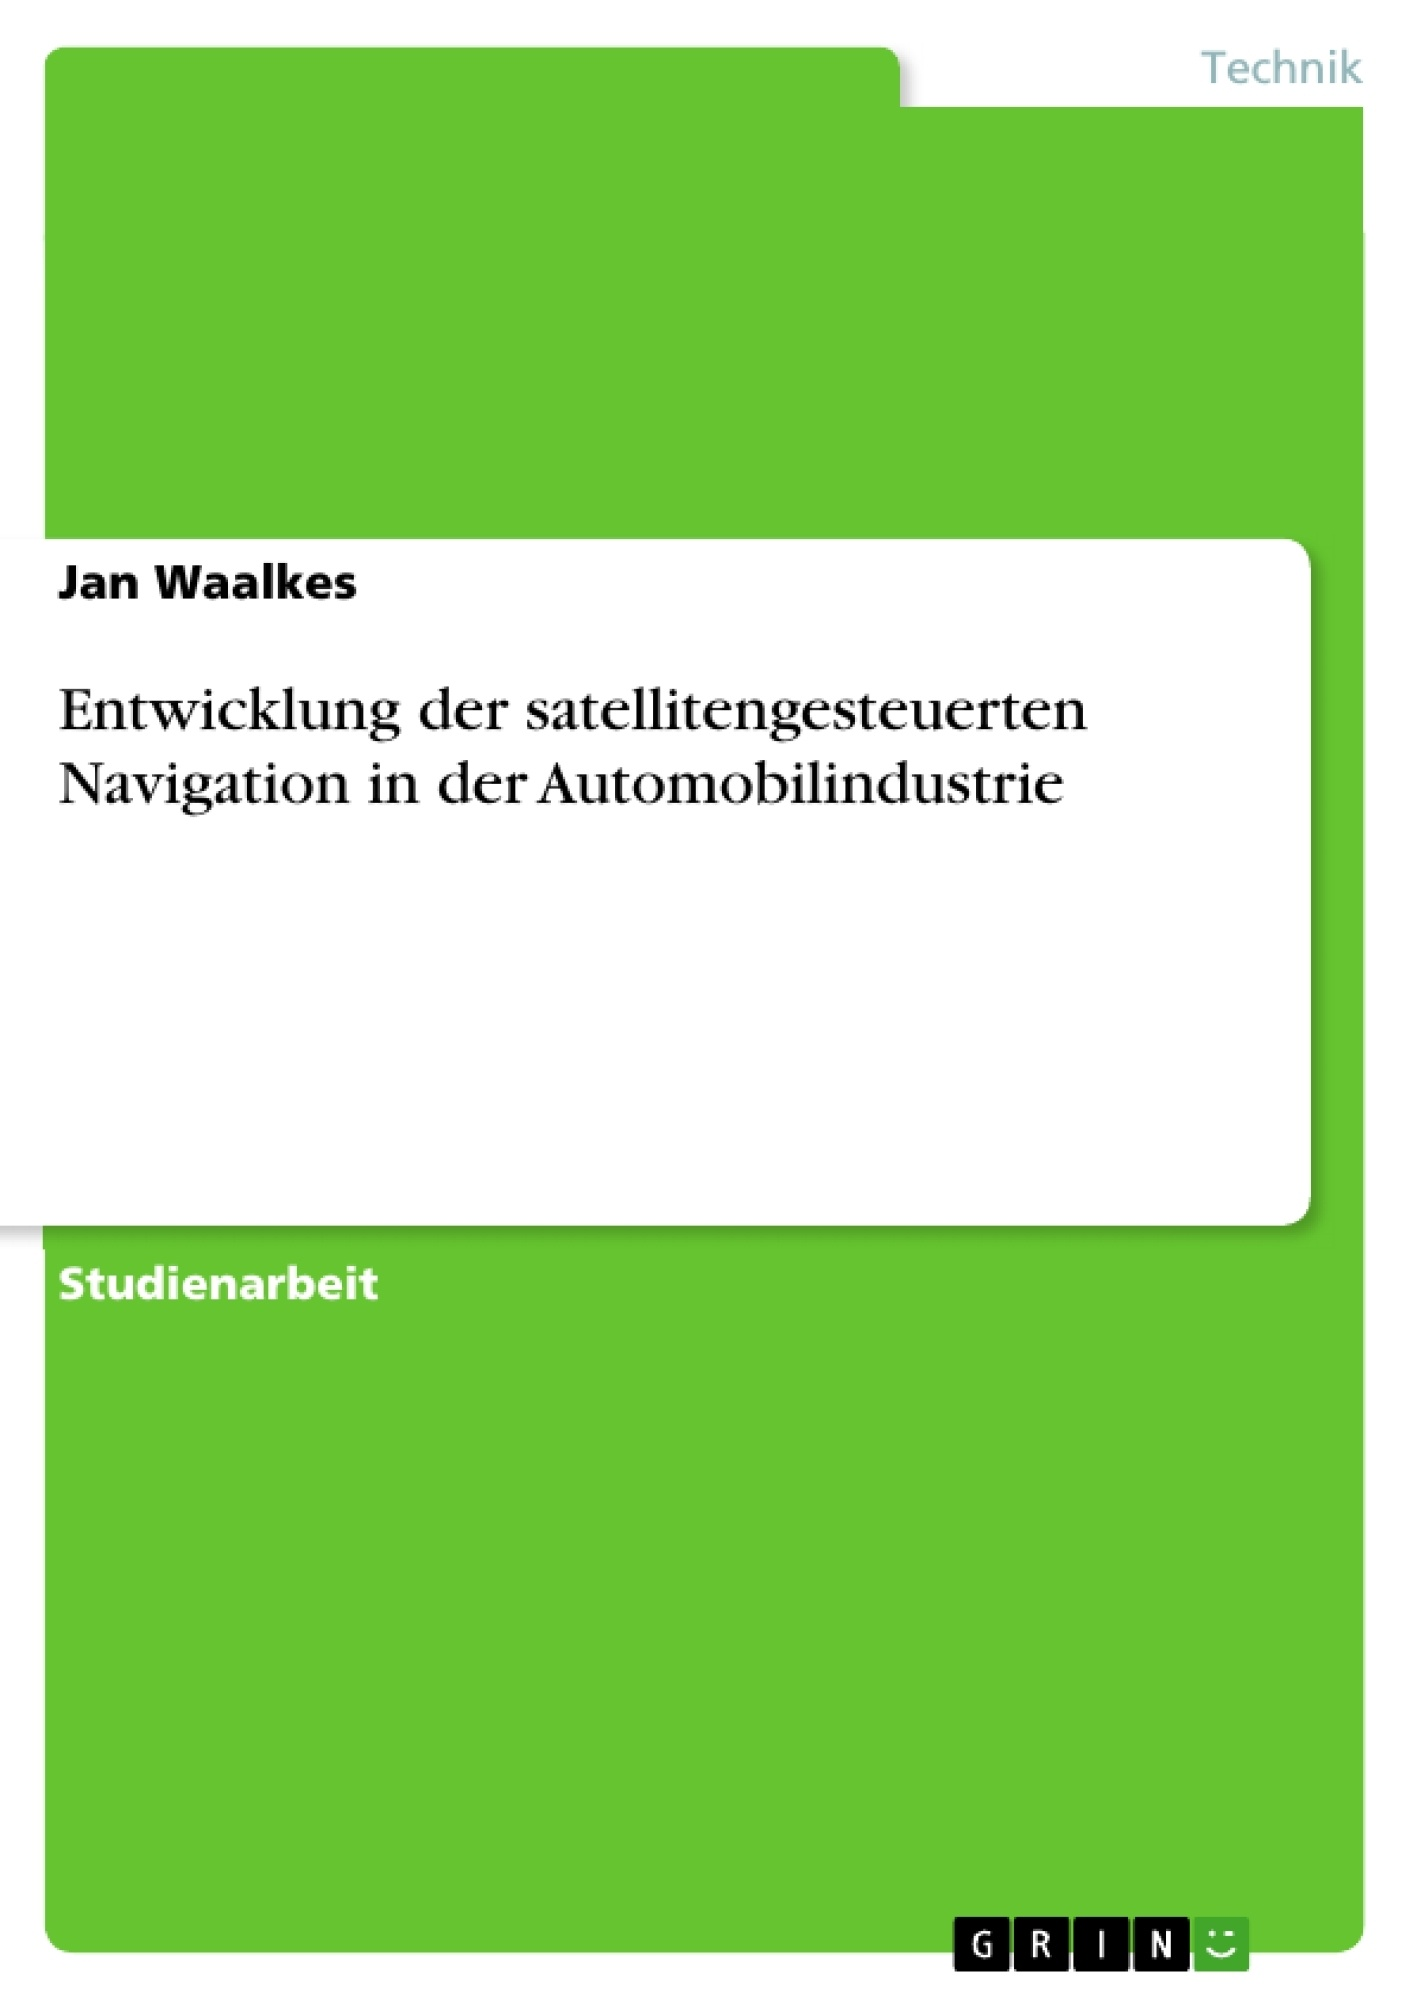 Titel: Entwicklung der satellitengesteuerten Navigation in der Automobilindustrie